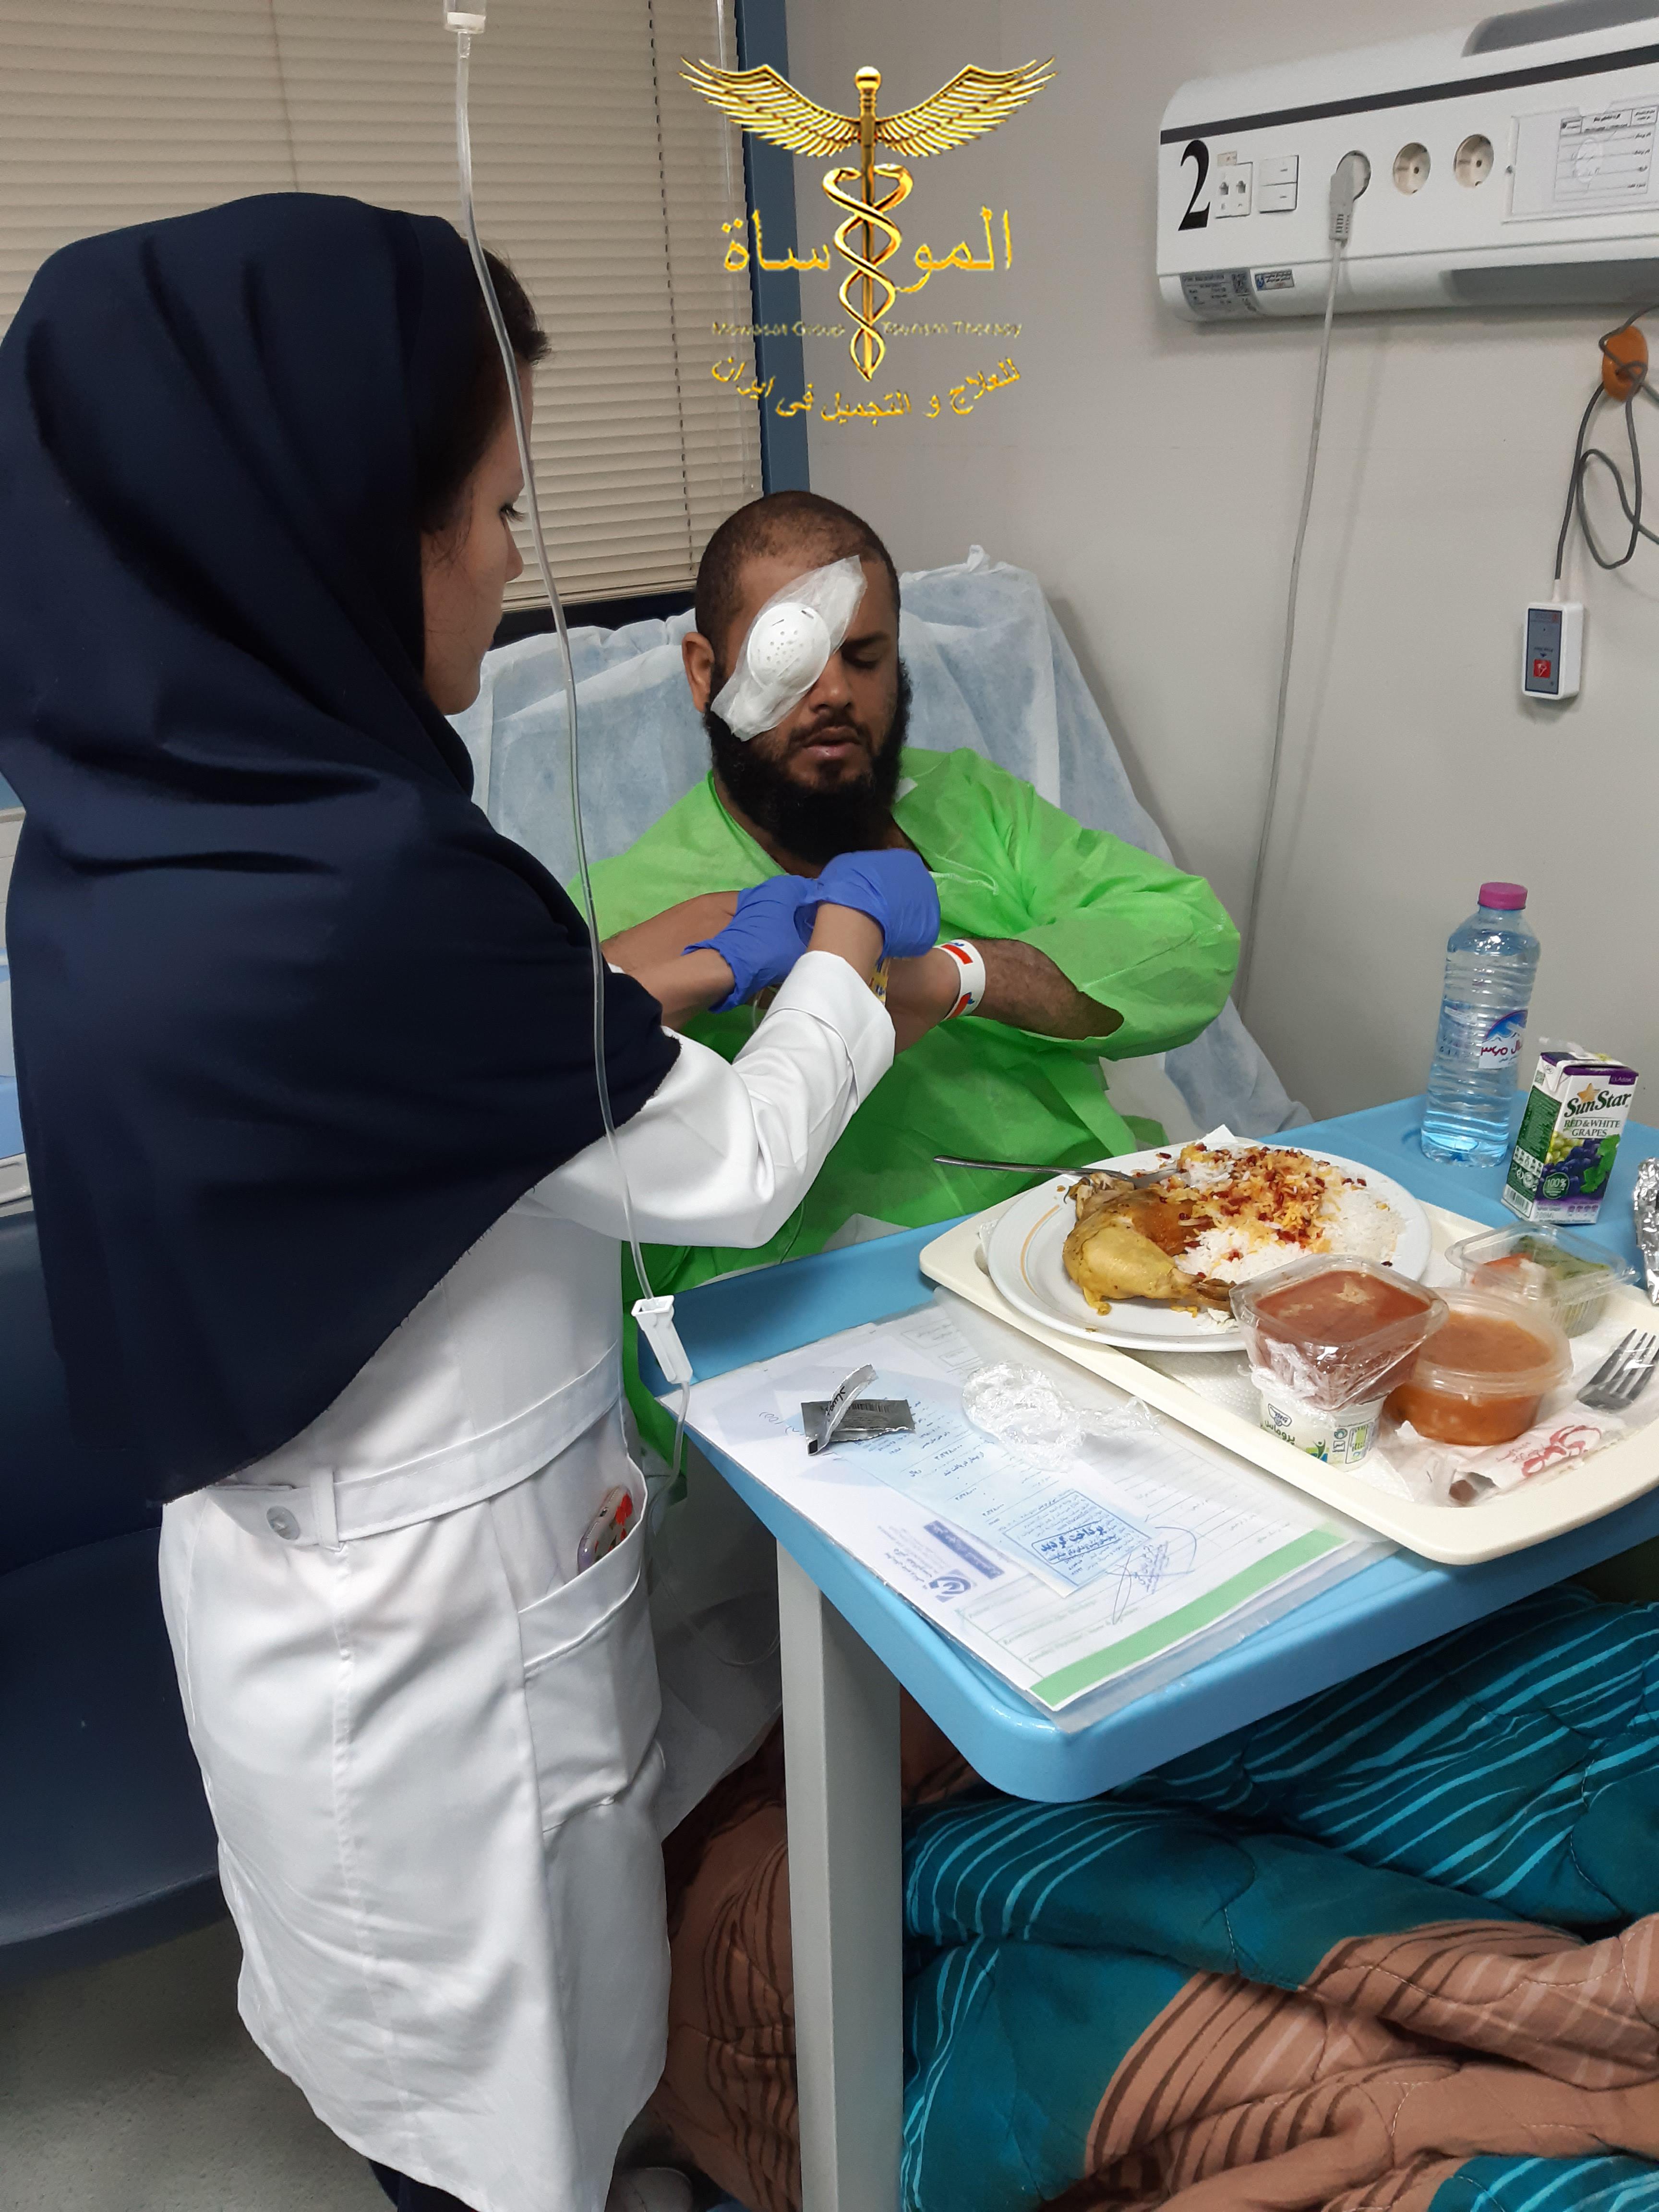 طب العيون في إيران   مستشفى خدادوست   السياحة في إيران   شركة المواساة للعلاج و التجميل في إيران